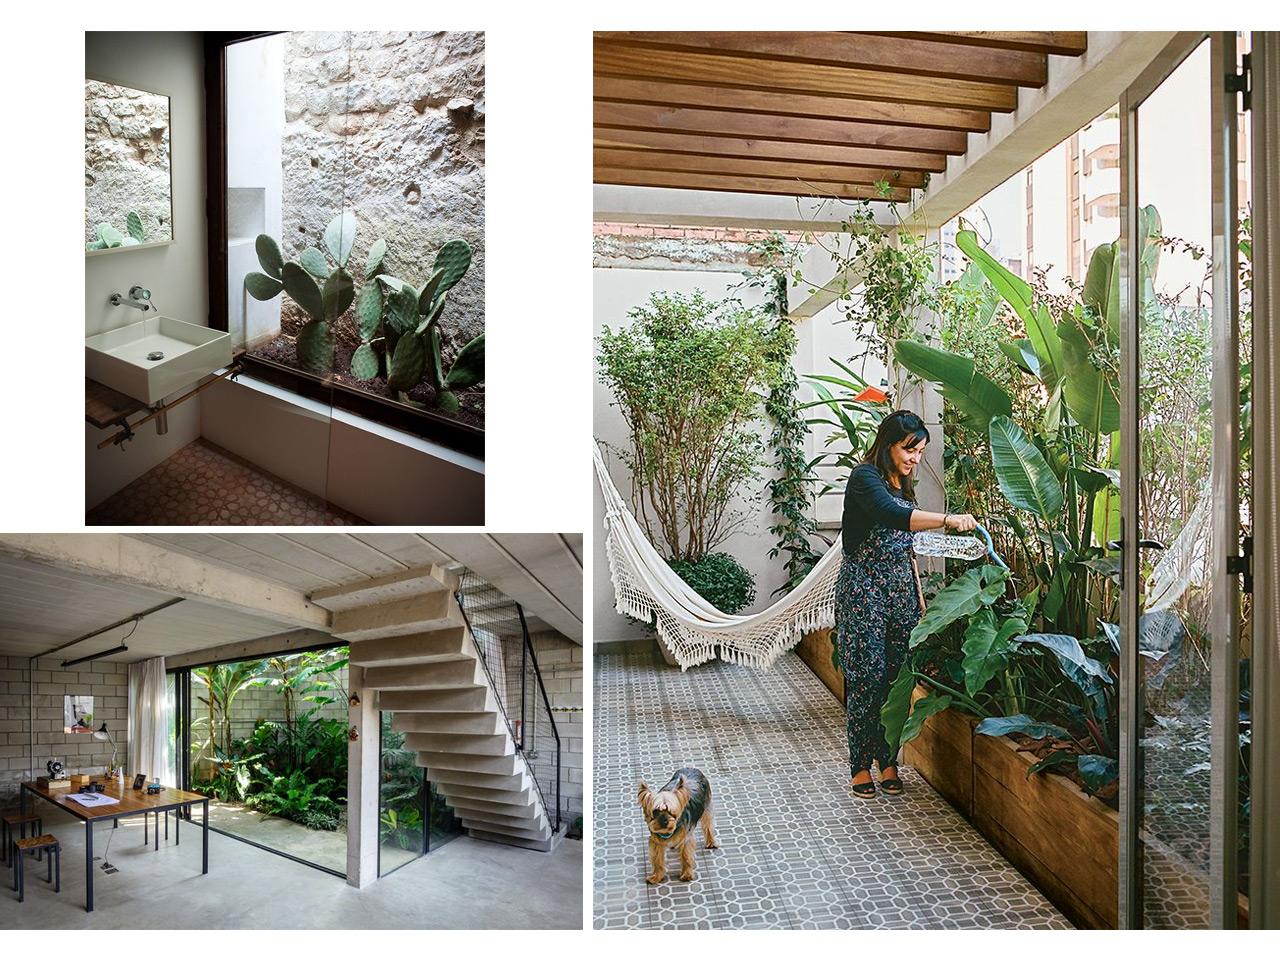 Tus 7 inspiraciones de decoraci n de terrazas interiores for Modelos de jardines interiores pequenos